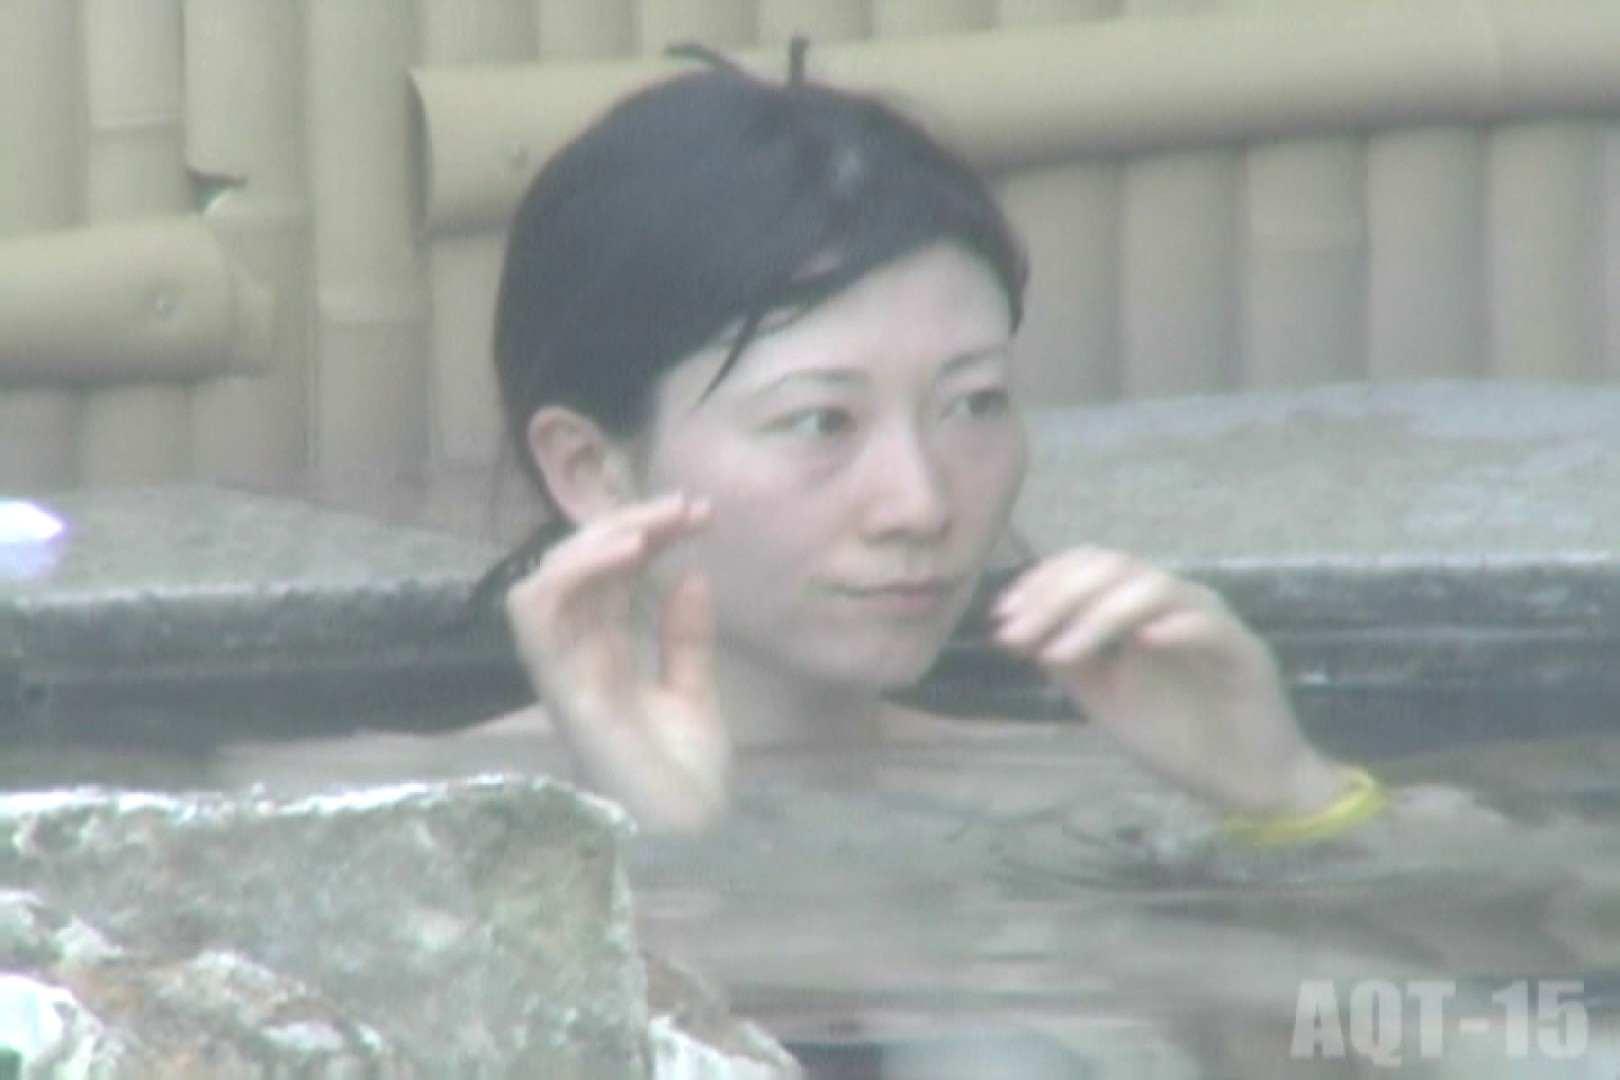 Aquaな露天風呂Vol.835 盗撮シリーズ  92PIX 38